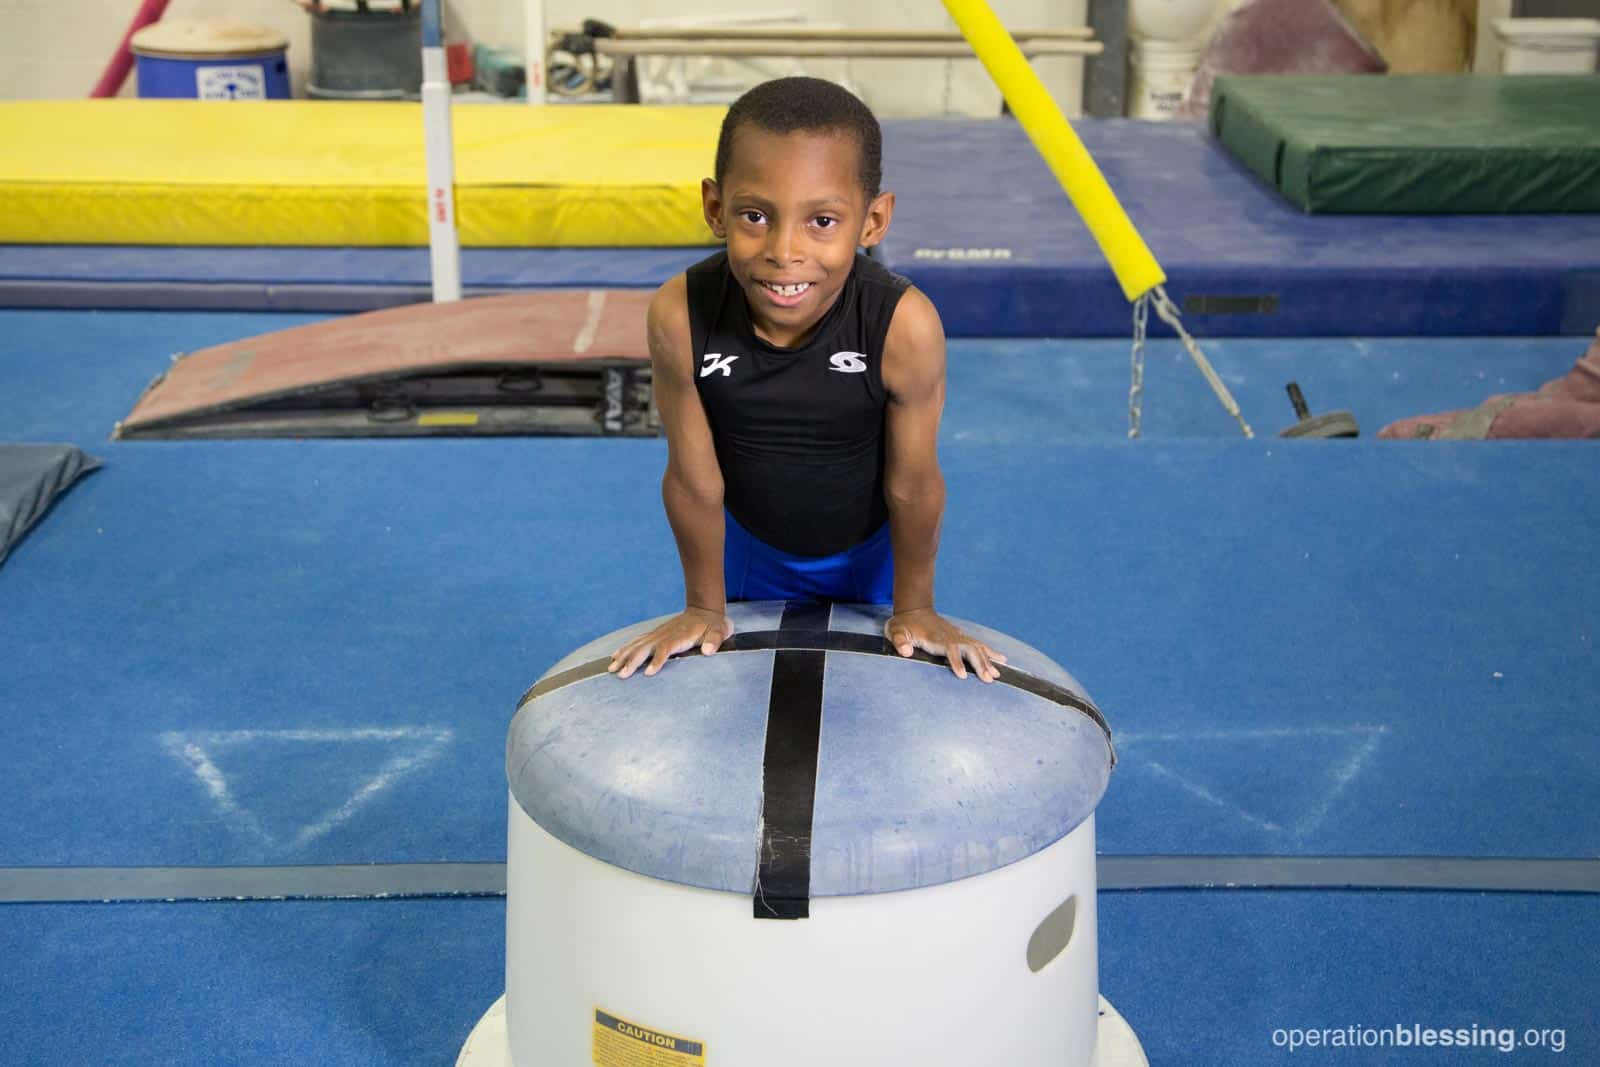 Jeremiah at his gym.